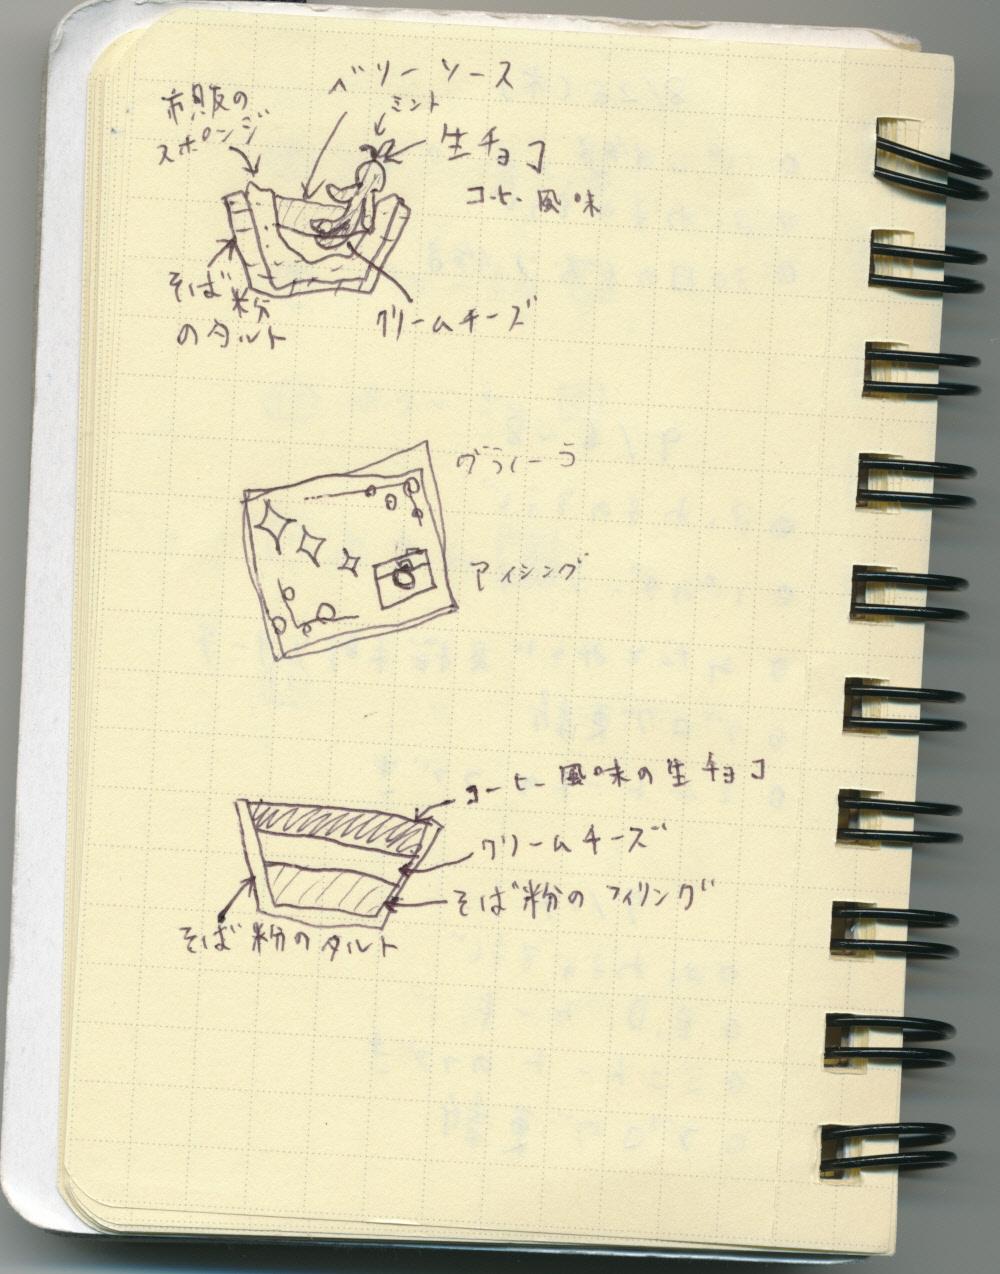 カメラチョコタルトの設計図